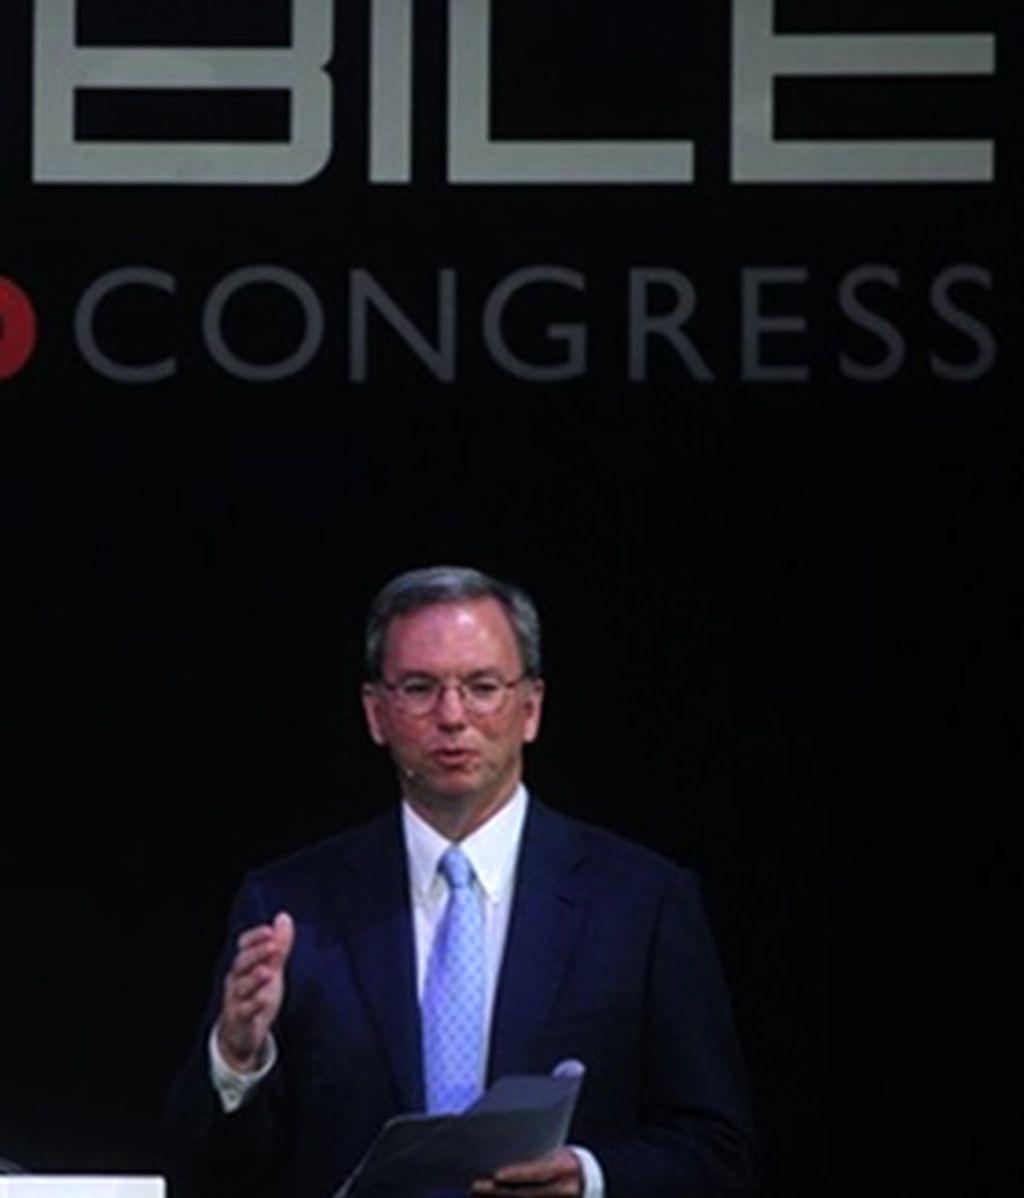 El CEO de Google, Eric Schmidt, en el Mobile World Congress de Barcelona durante su conferencia en la que aludió a Nokia. Foto AP